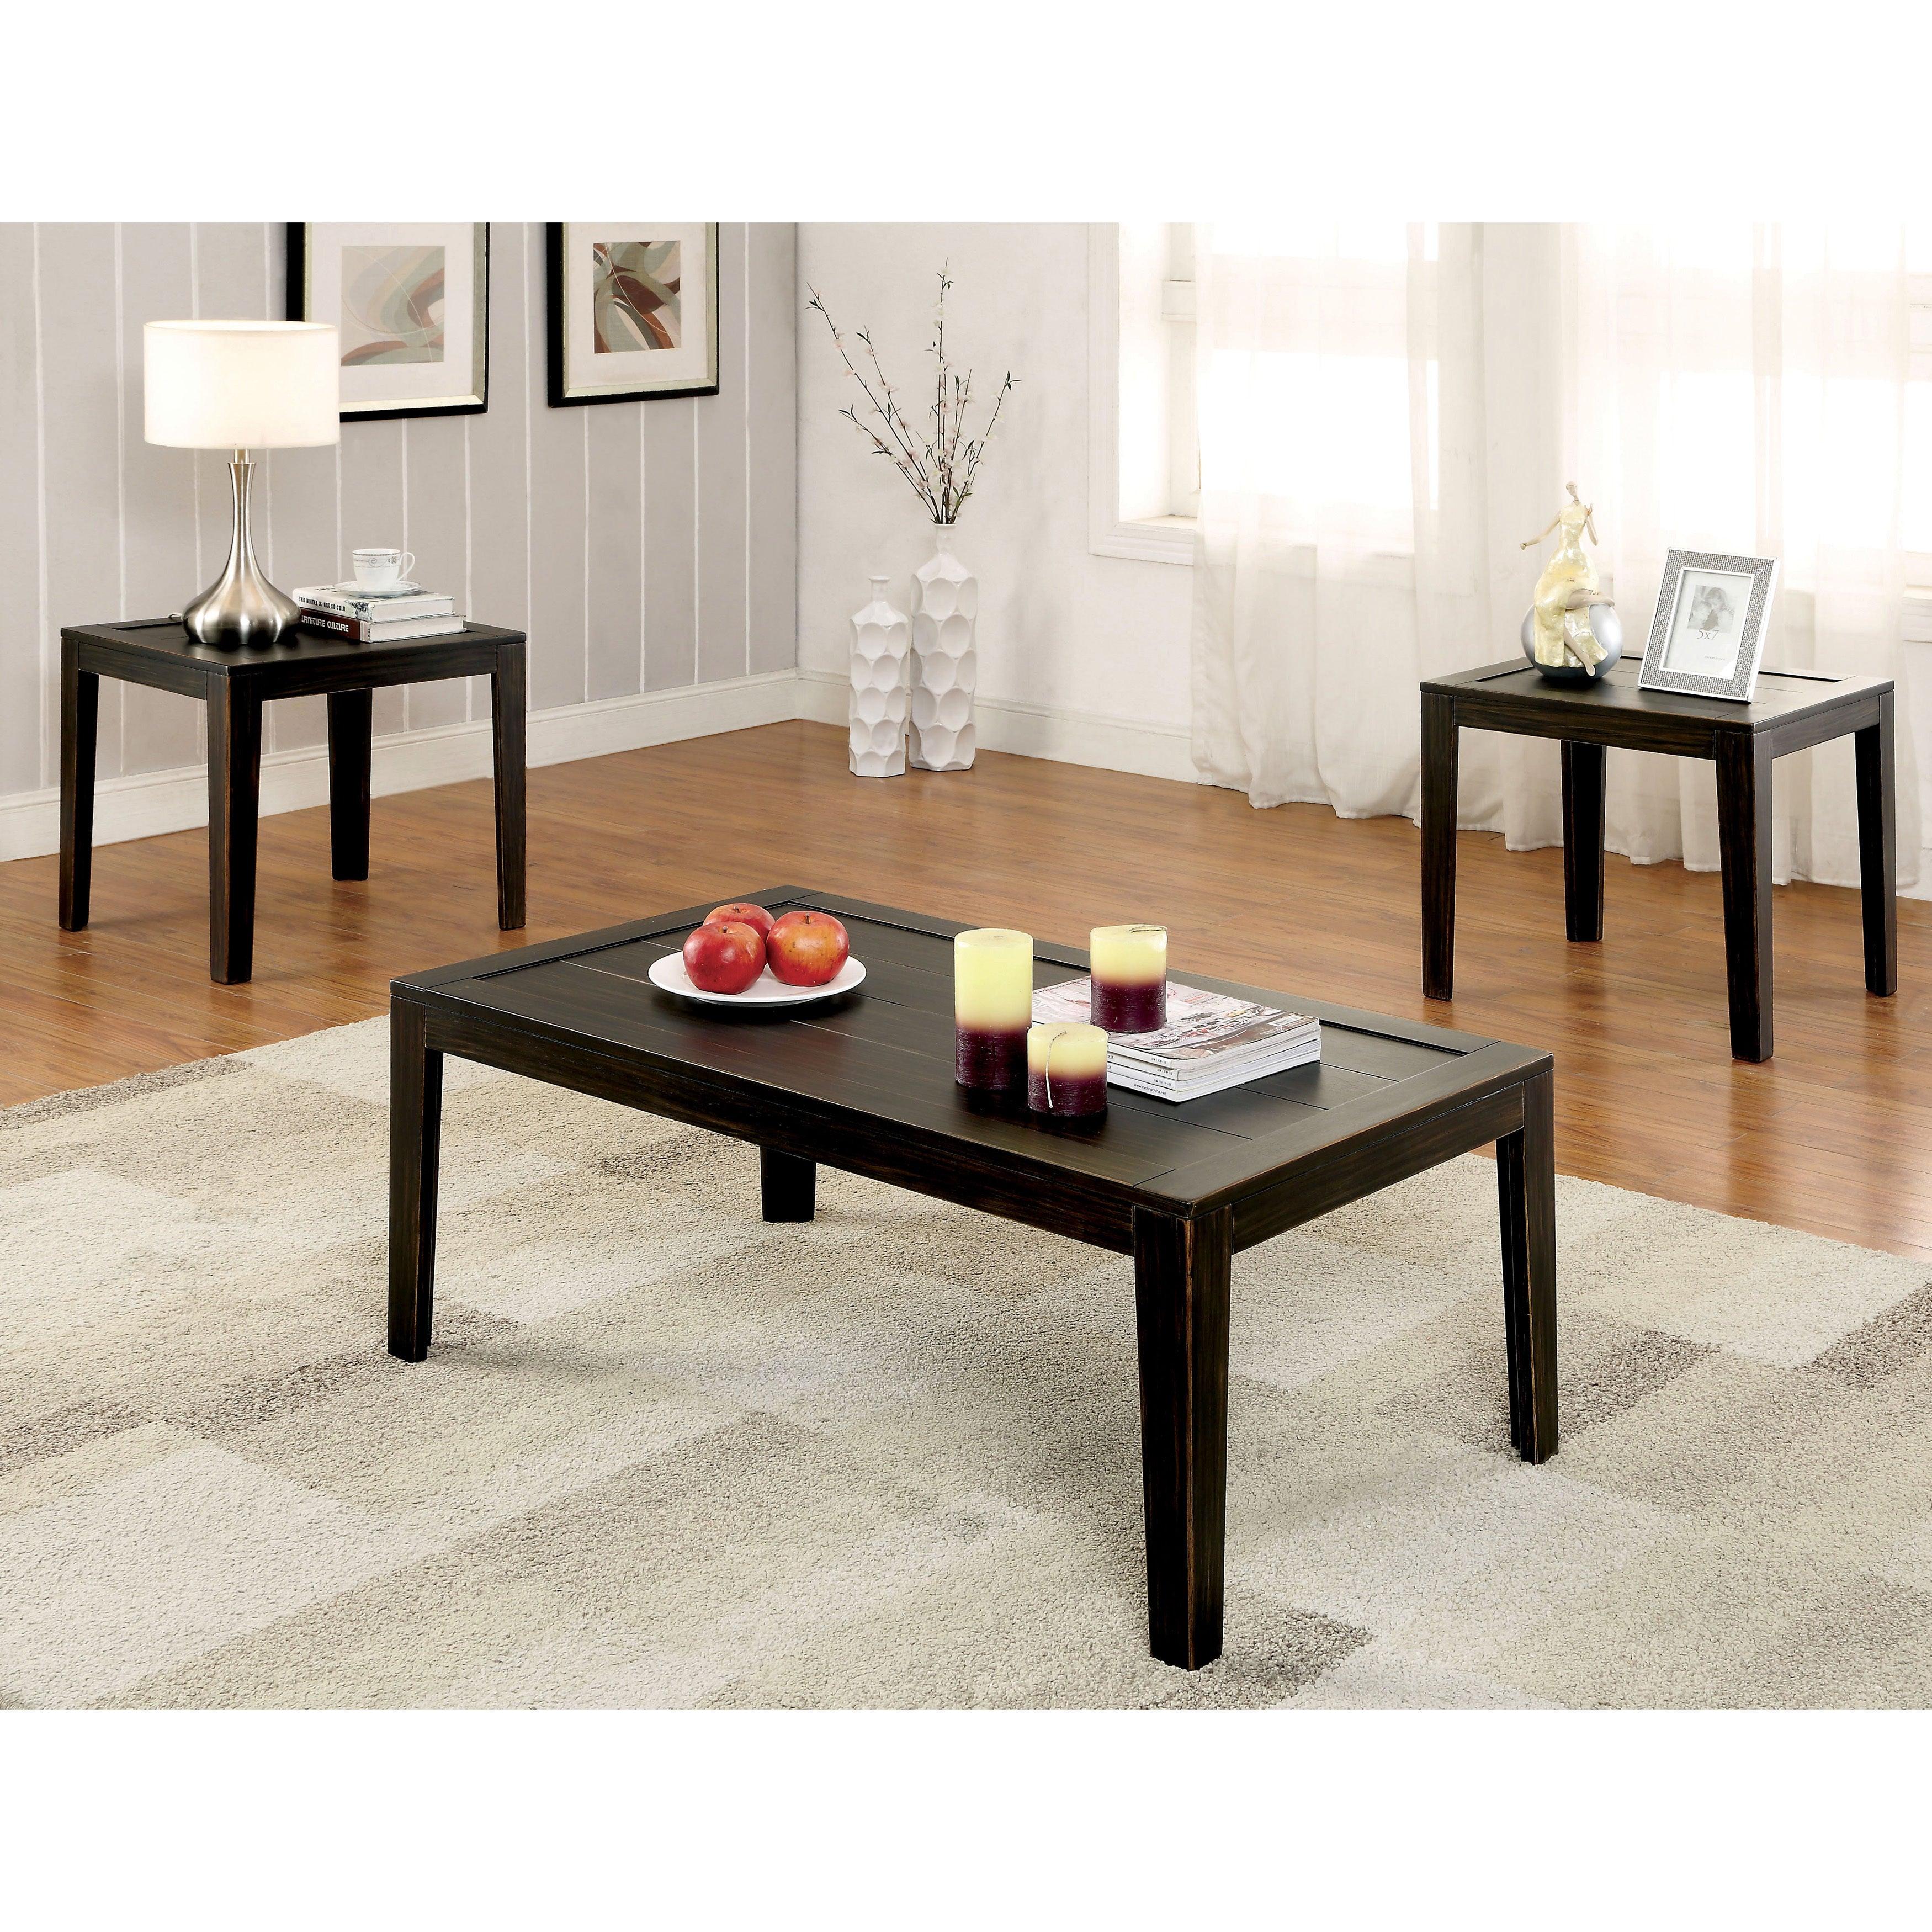 Furniture of America Carten Distressed Espresso 3-piece A...